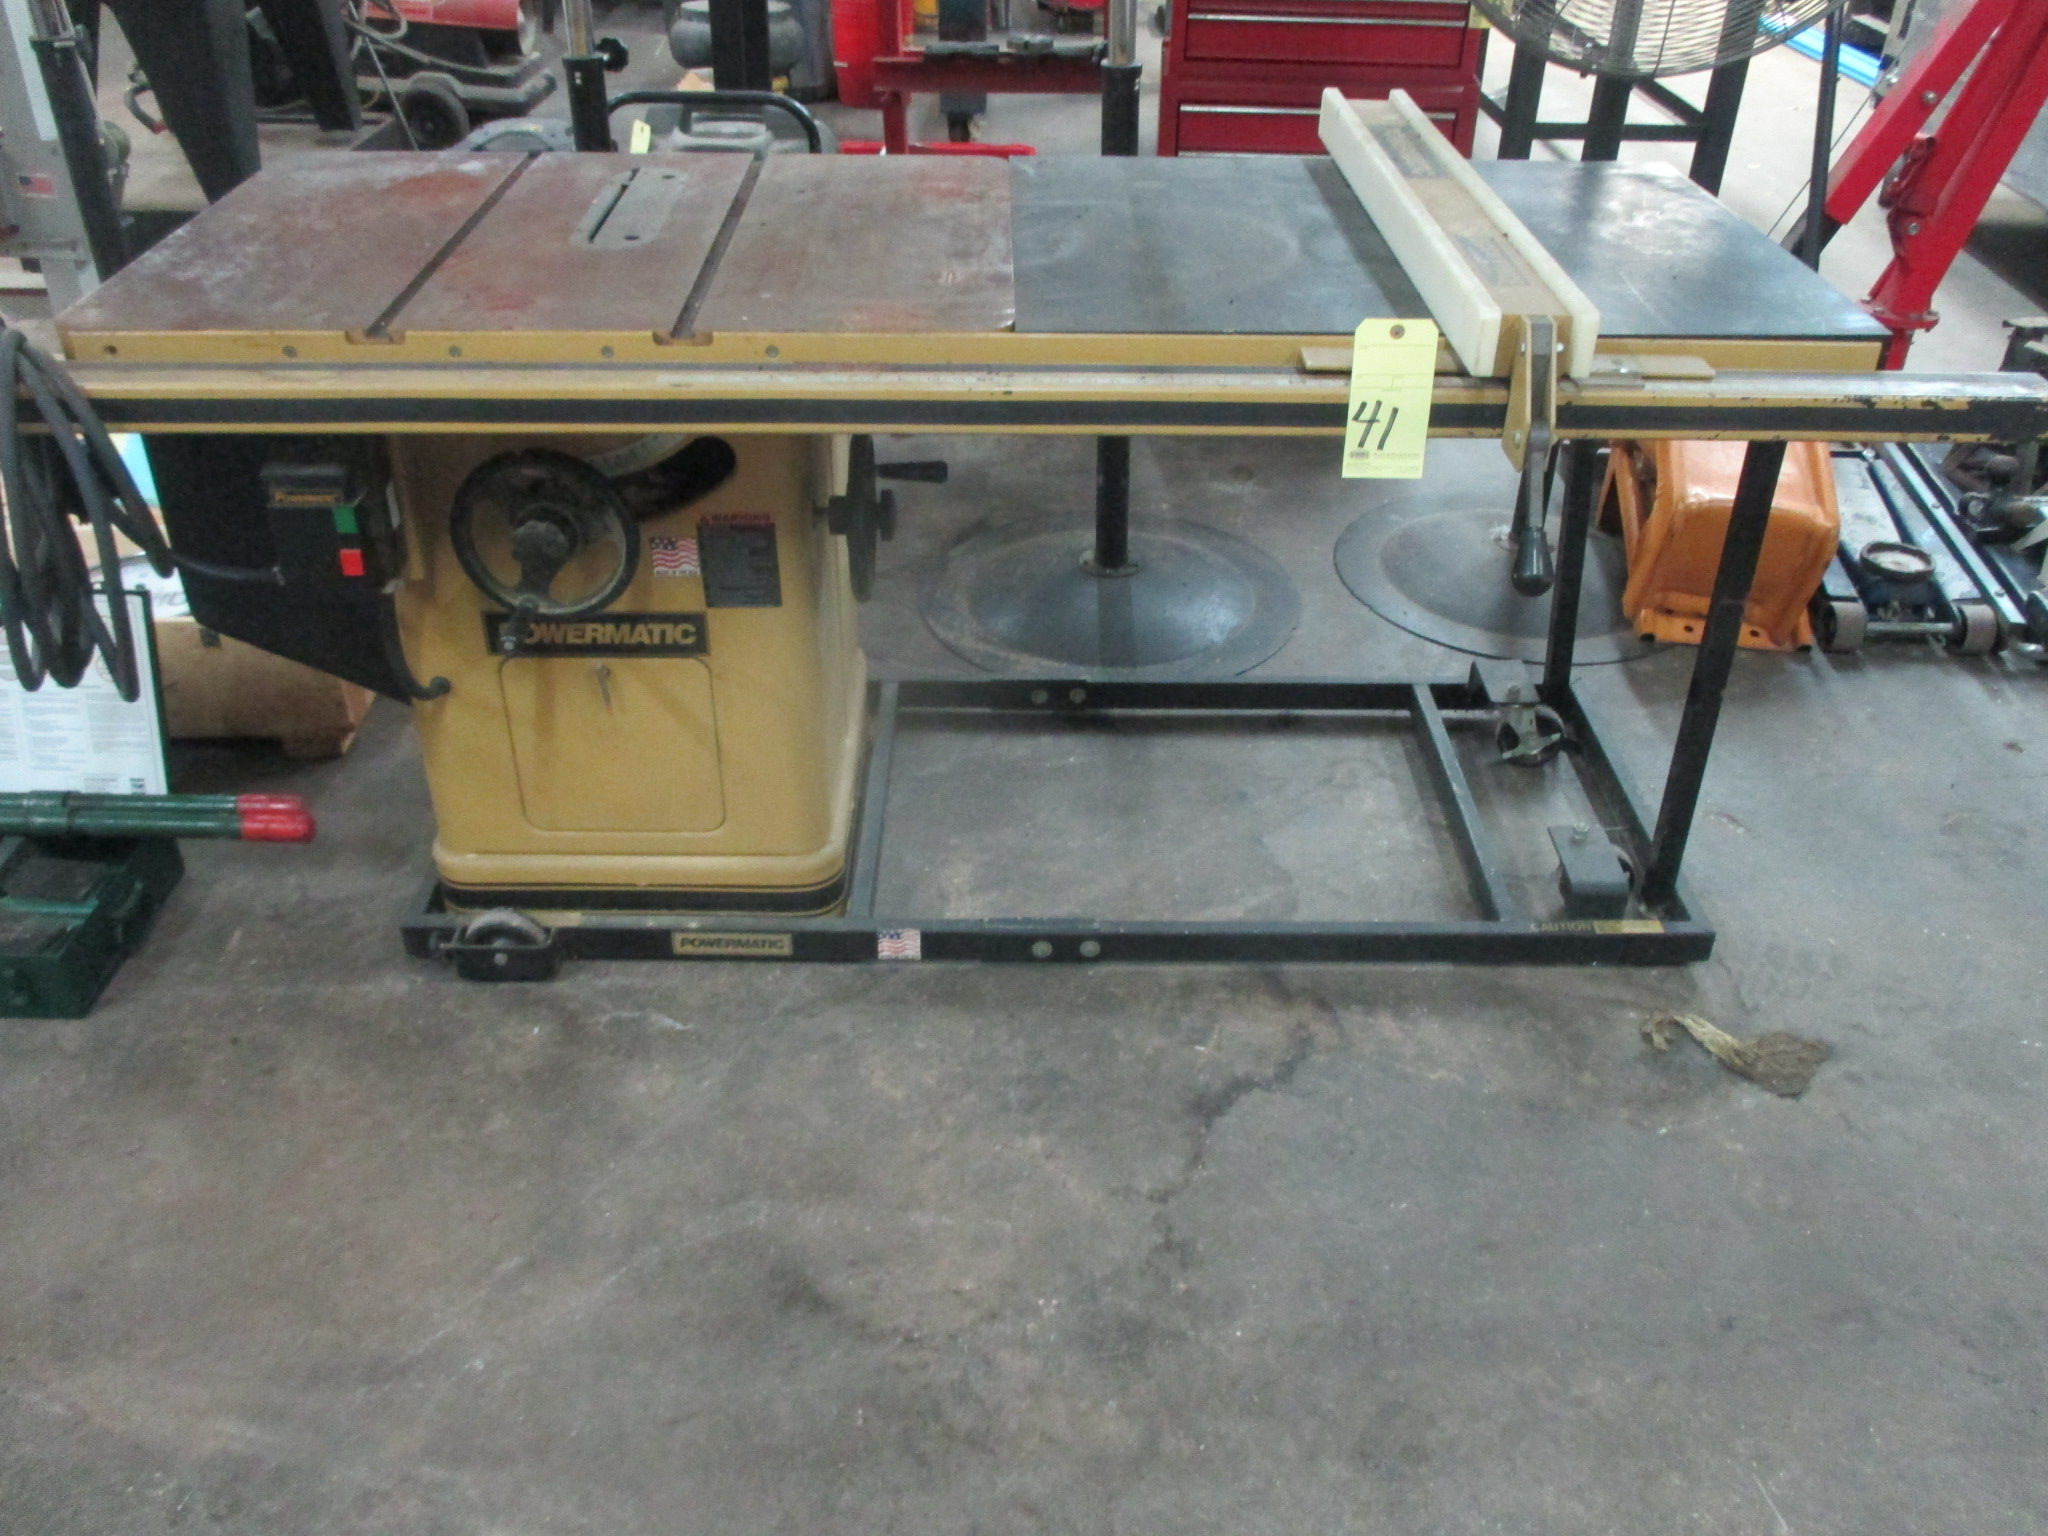 Lot 41 - TABLE SAW, POWERMATIC, 5 HP motor